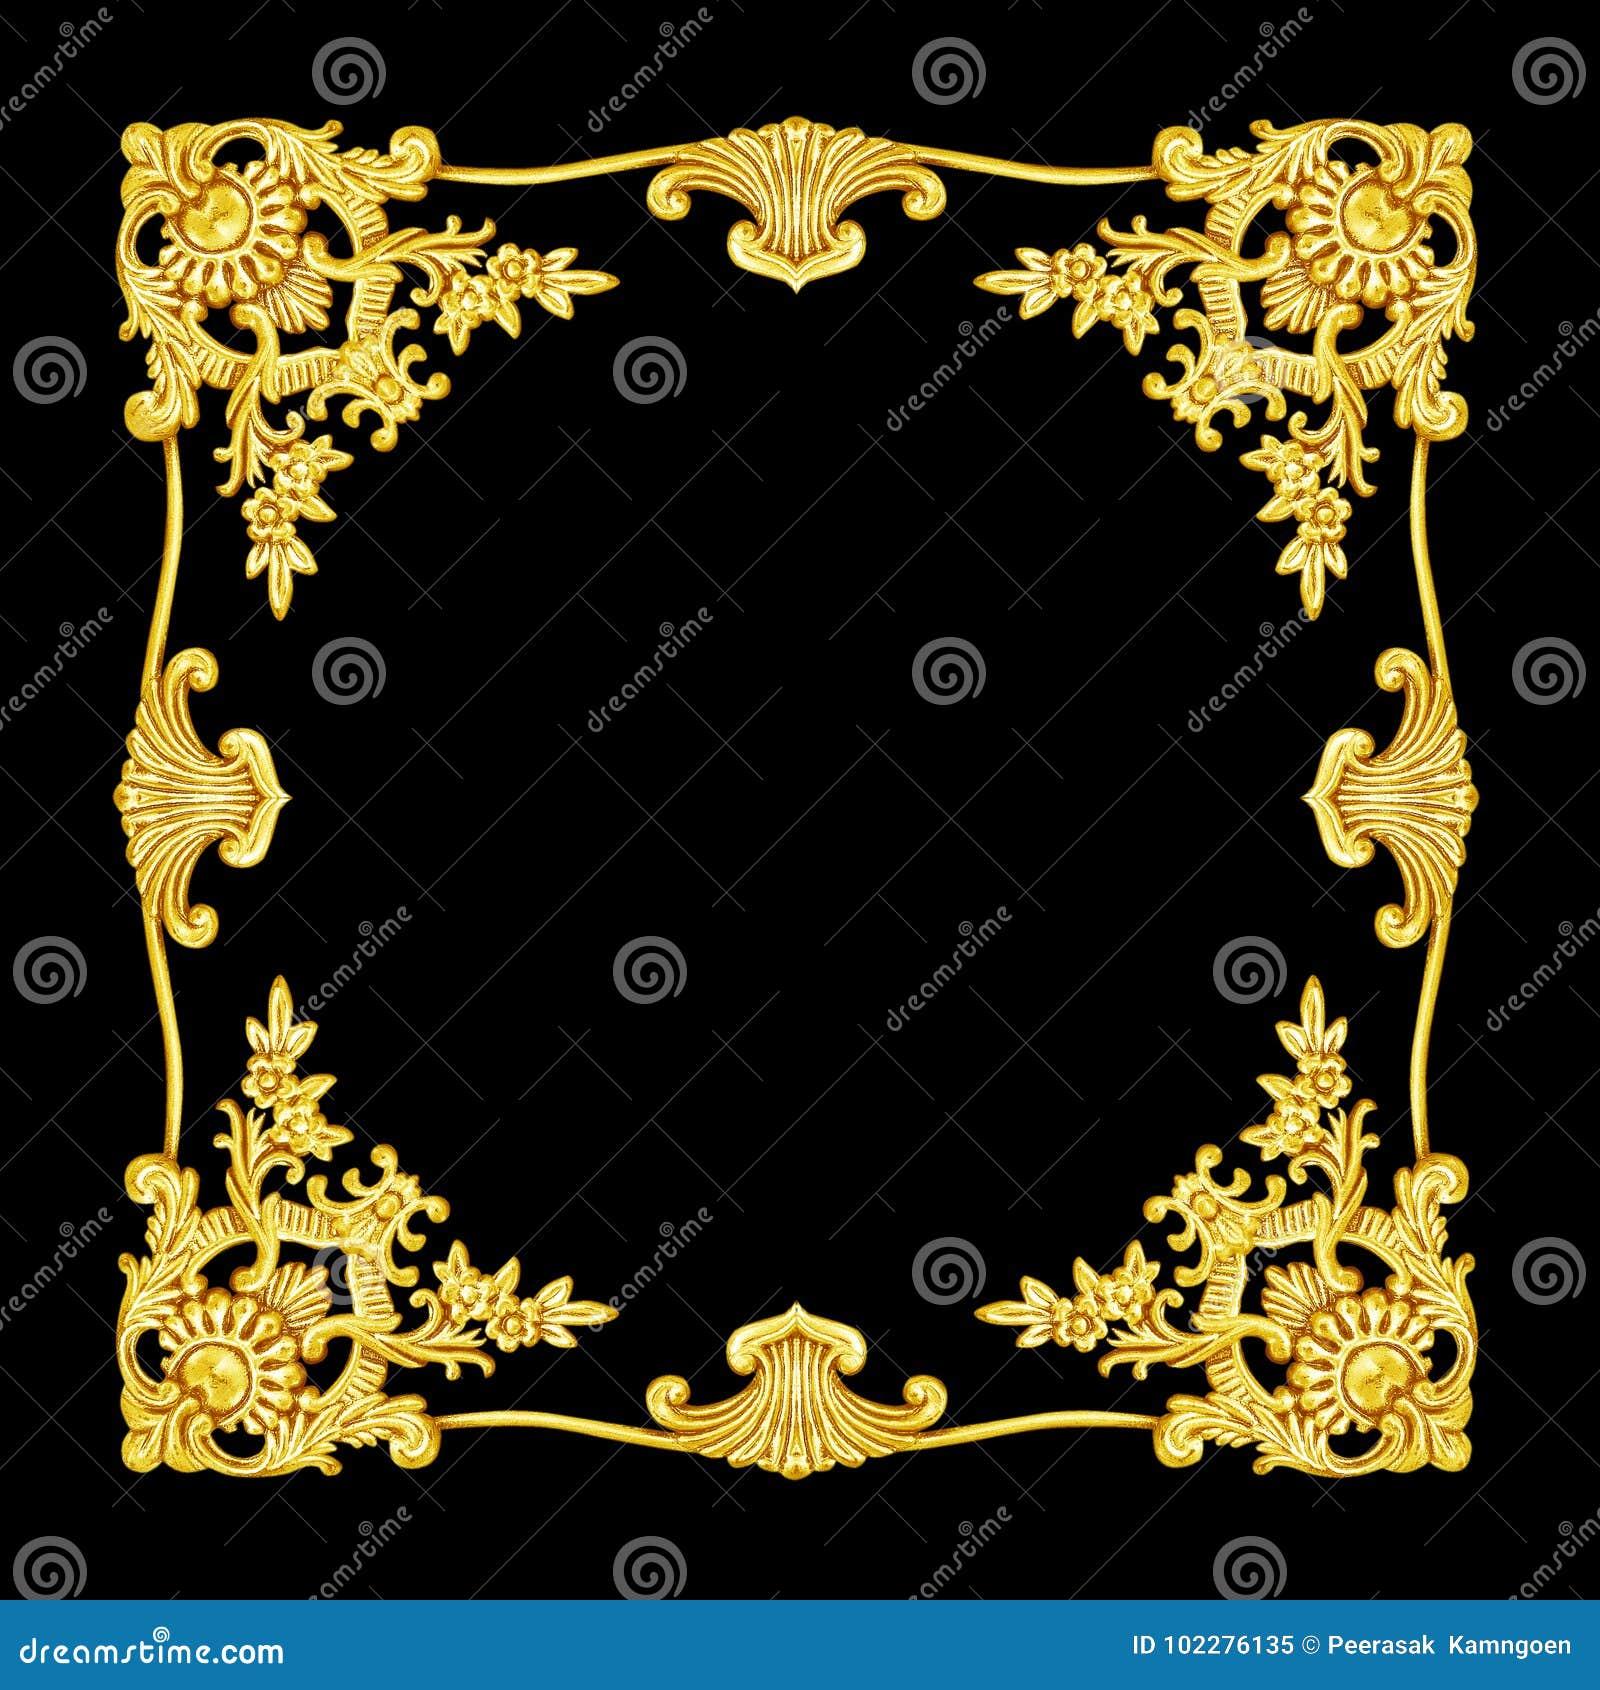 Орнаментируйте элементы, дизайны metat винтажного золота флористические